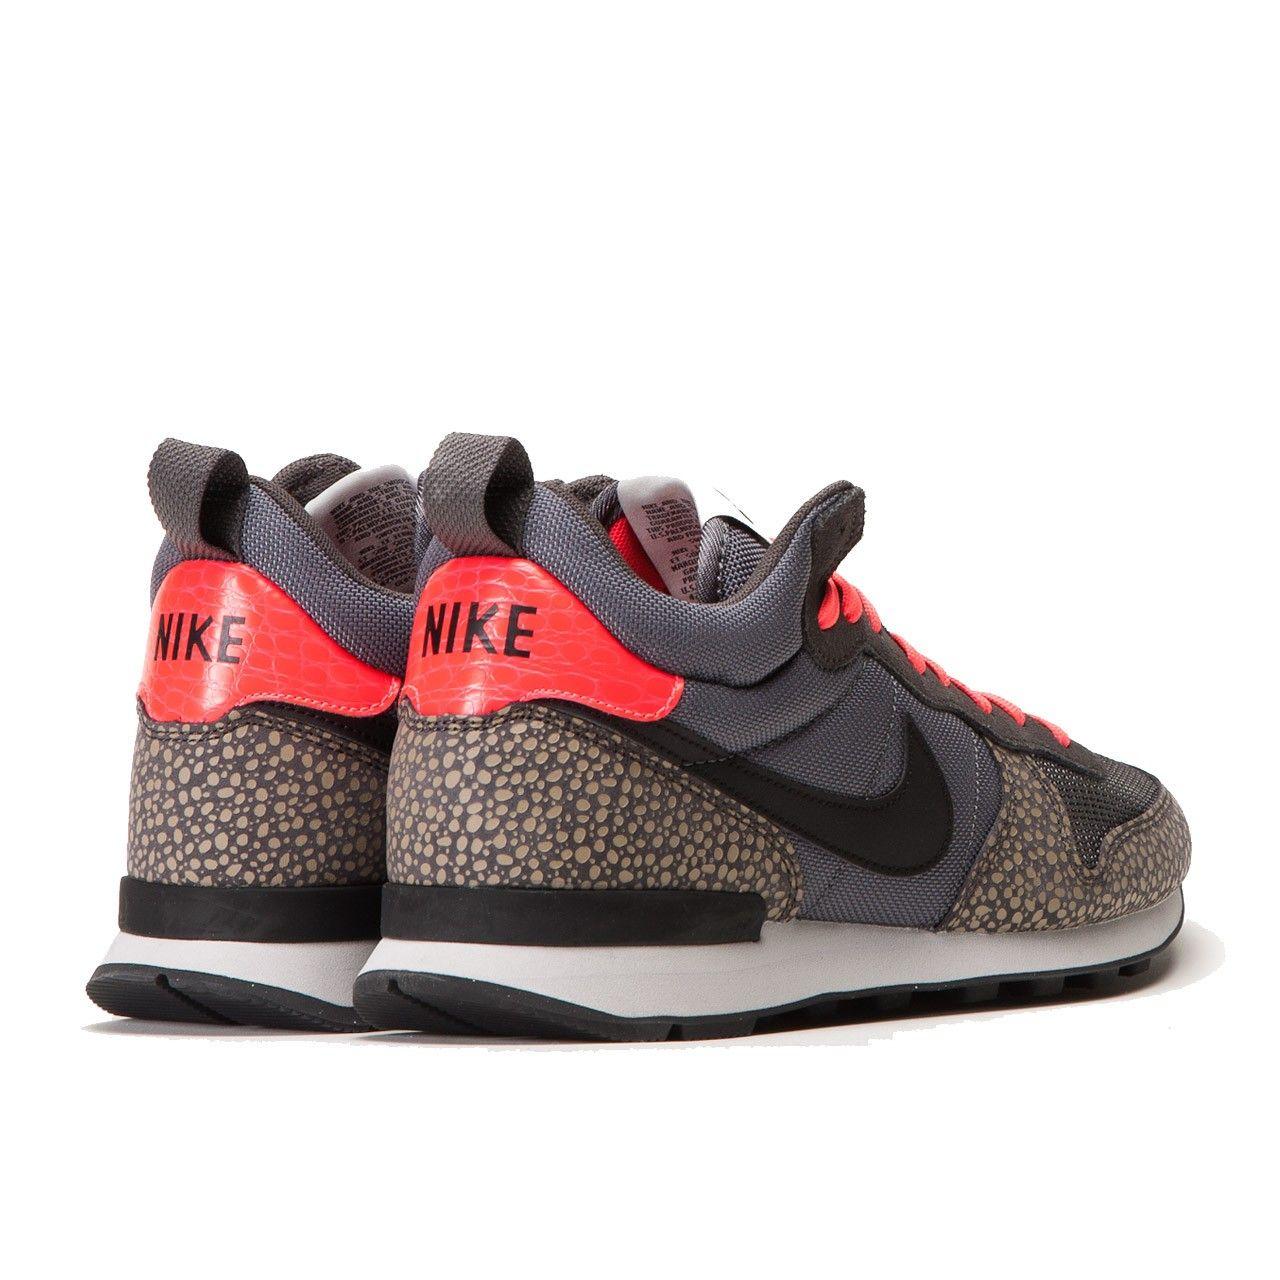 meet aa91a b4fd4 Nike Internationalist Mid PRM (Cool Grey   Black) 682843-002